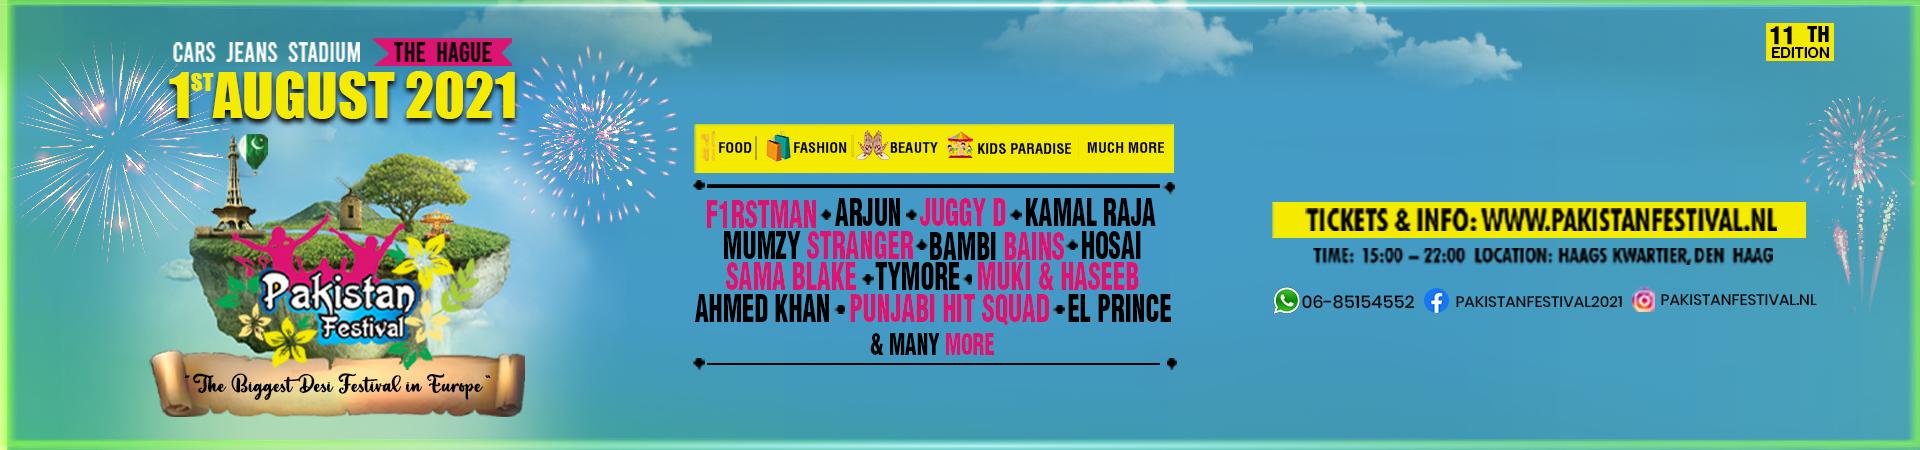 Pakistan Festival 2021 tickets